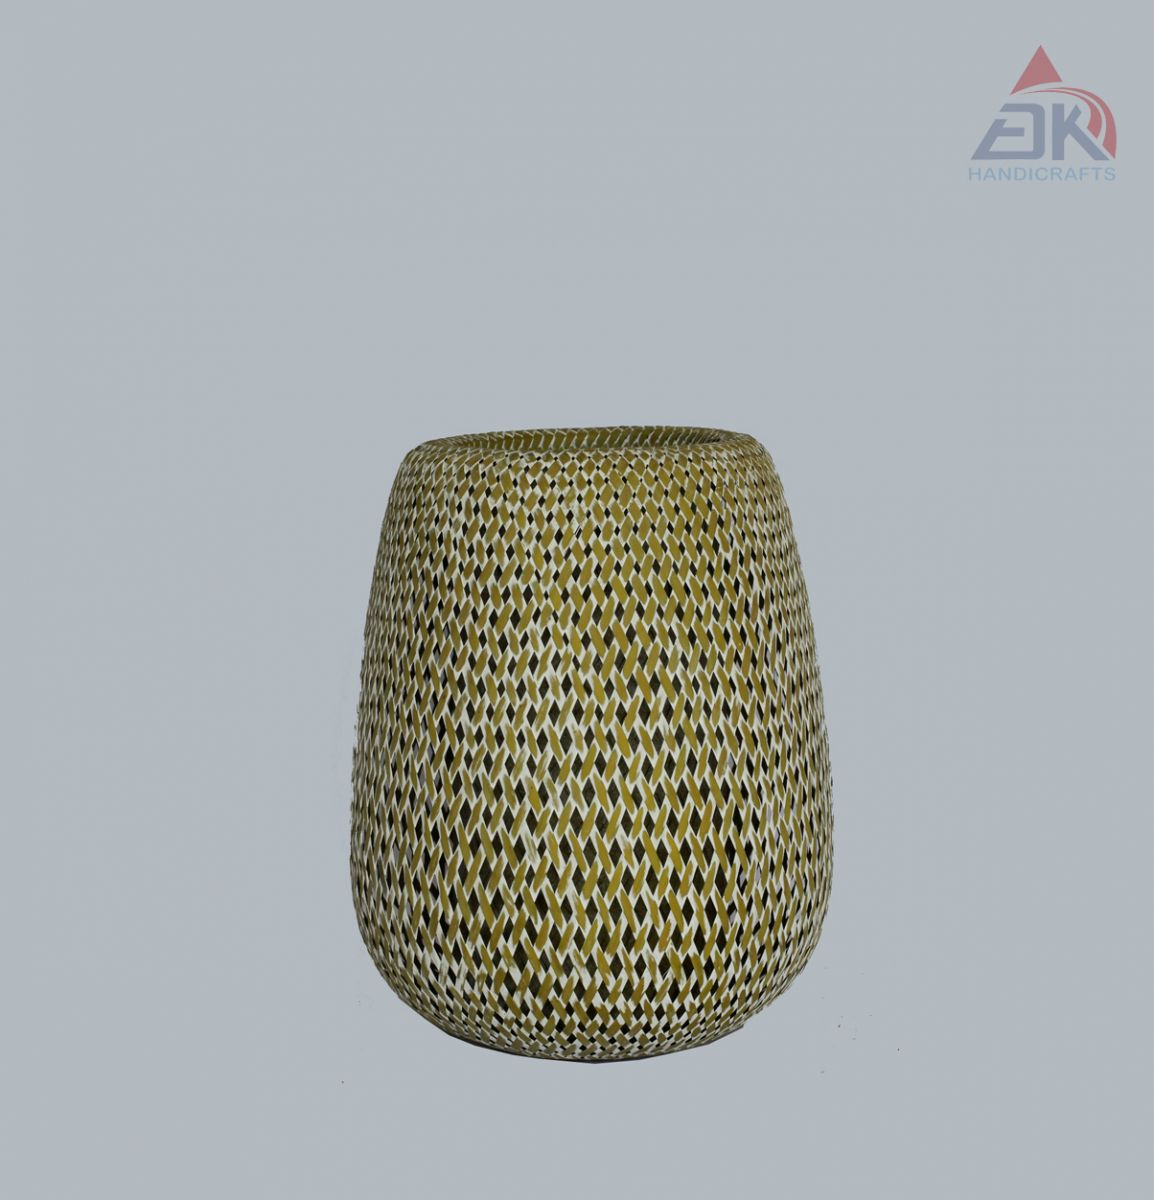 Bamboo Bin